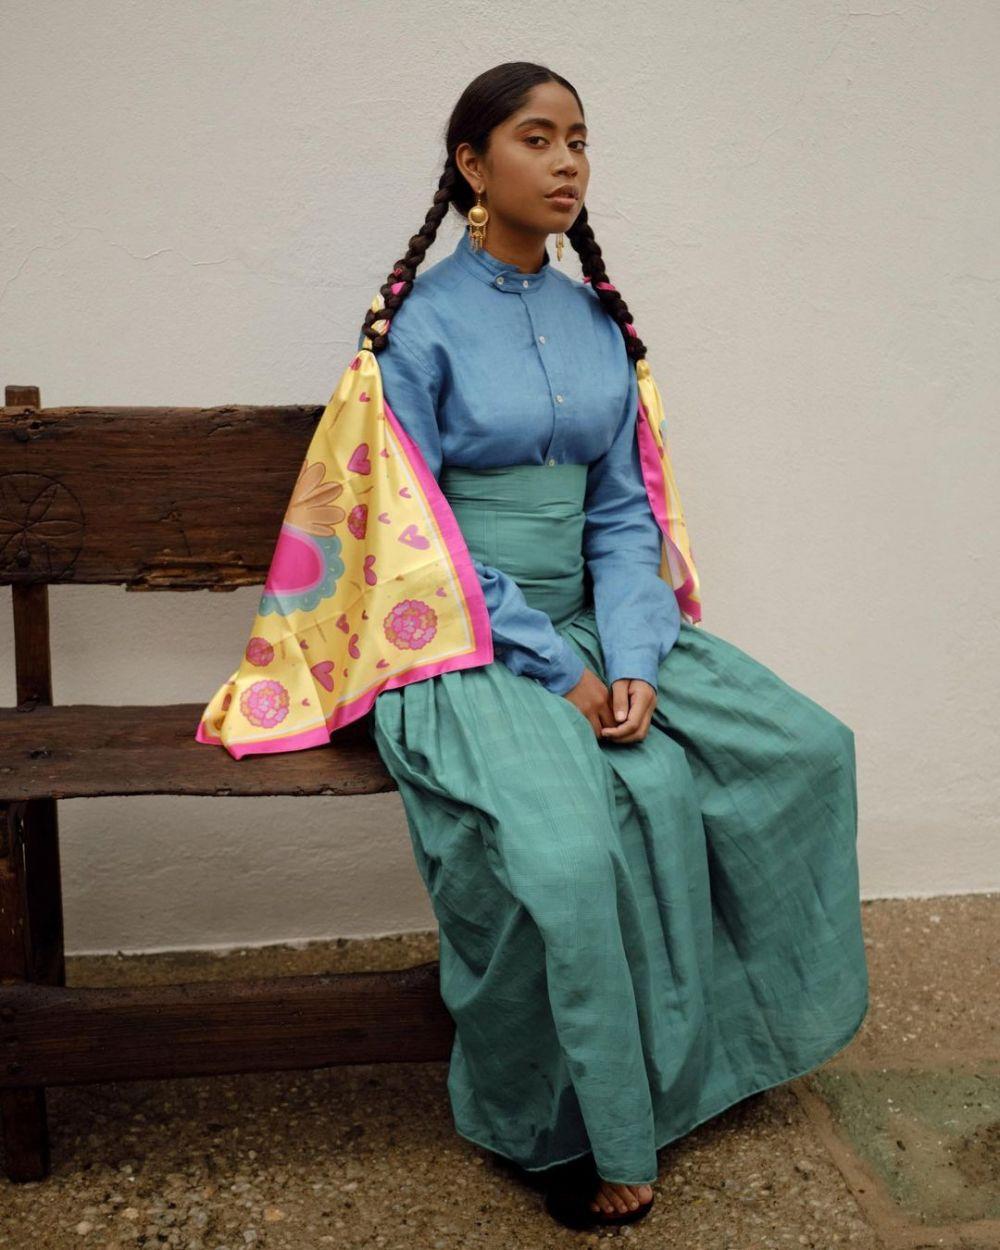 11 Potret Karen Vega, Model Meksiko yang Bangga dengan Identitasnya